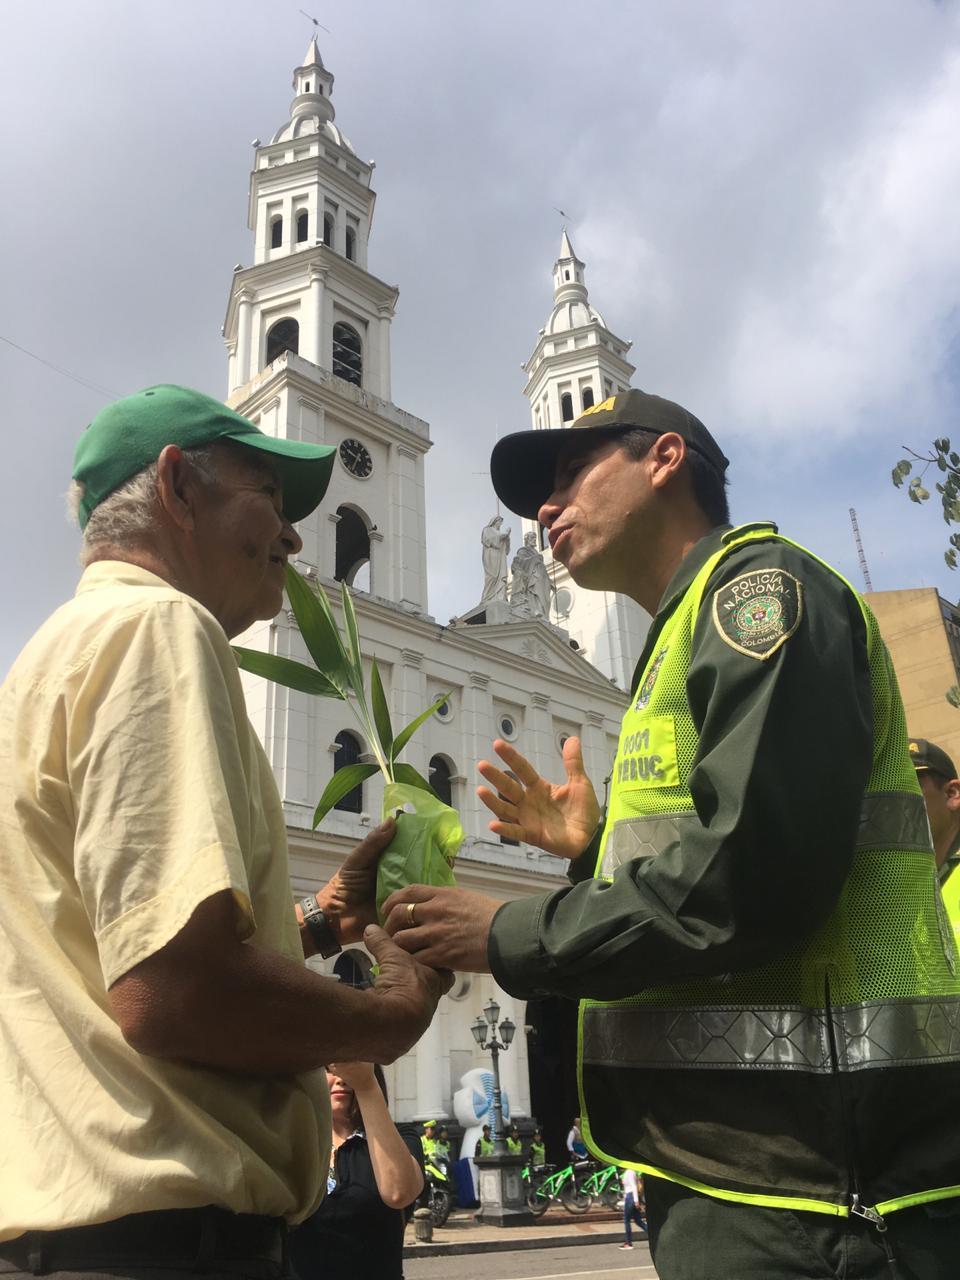 Refuerzan seguridad en el Área para Semana Santa    EL FRENTE